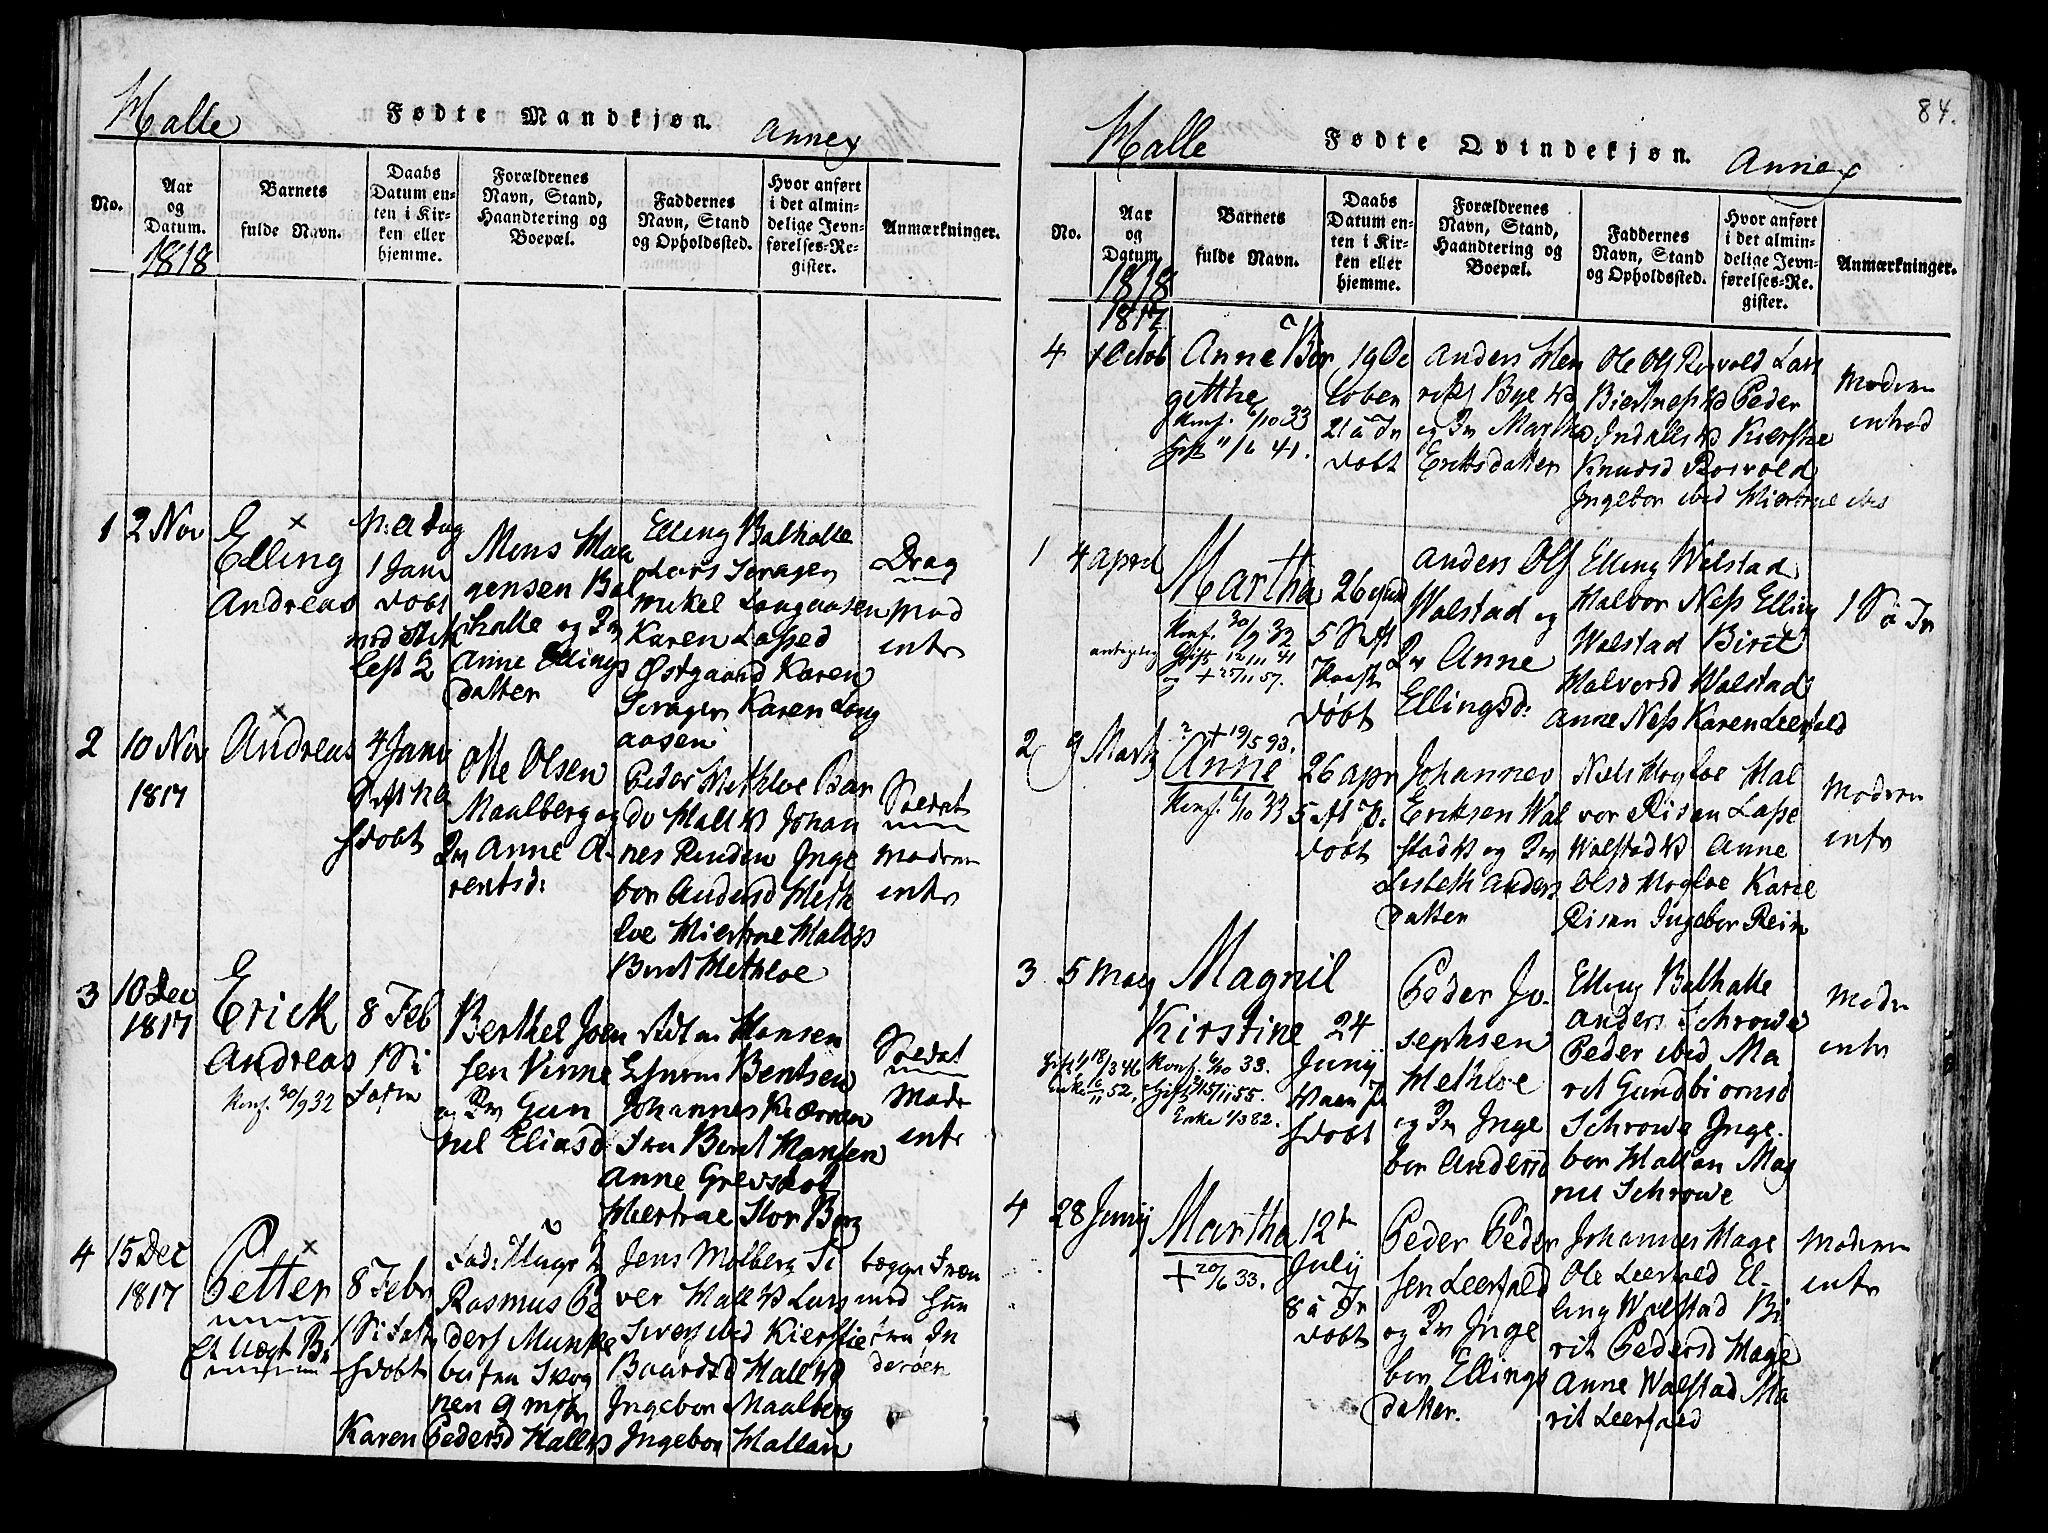 SAT, Ministerialprotokoller, klokkerbøker og fødselsregistre - Nord-Trøndelag, 723/L0234: Ministerialbok nr. 723A05 /3, 1817-1821, s. 84